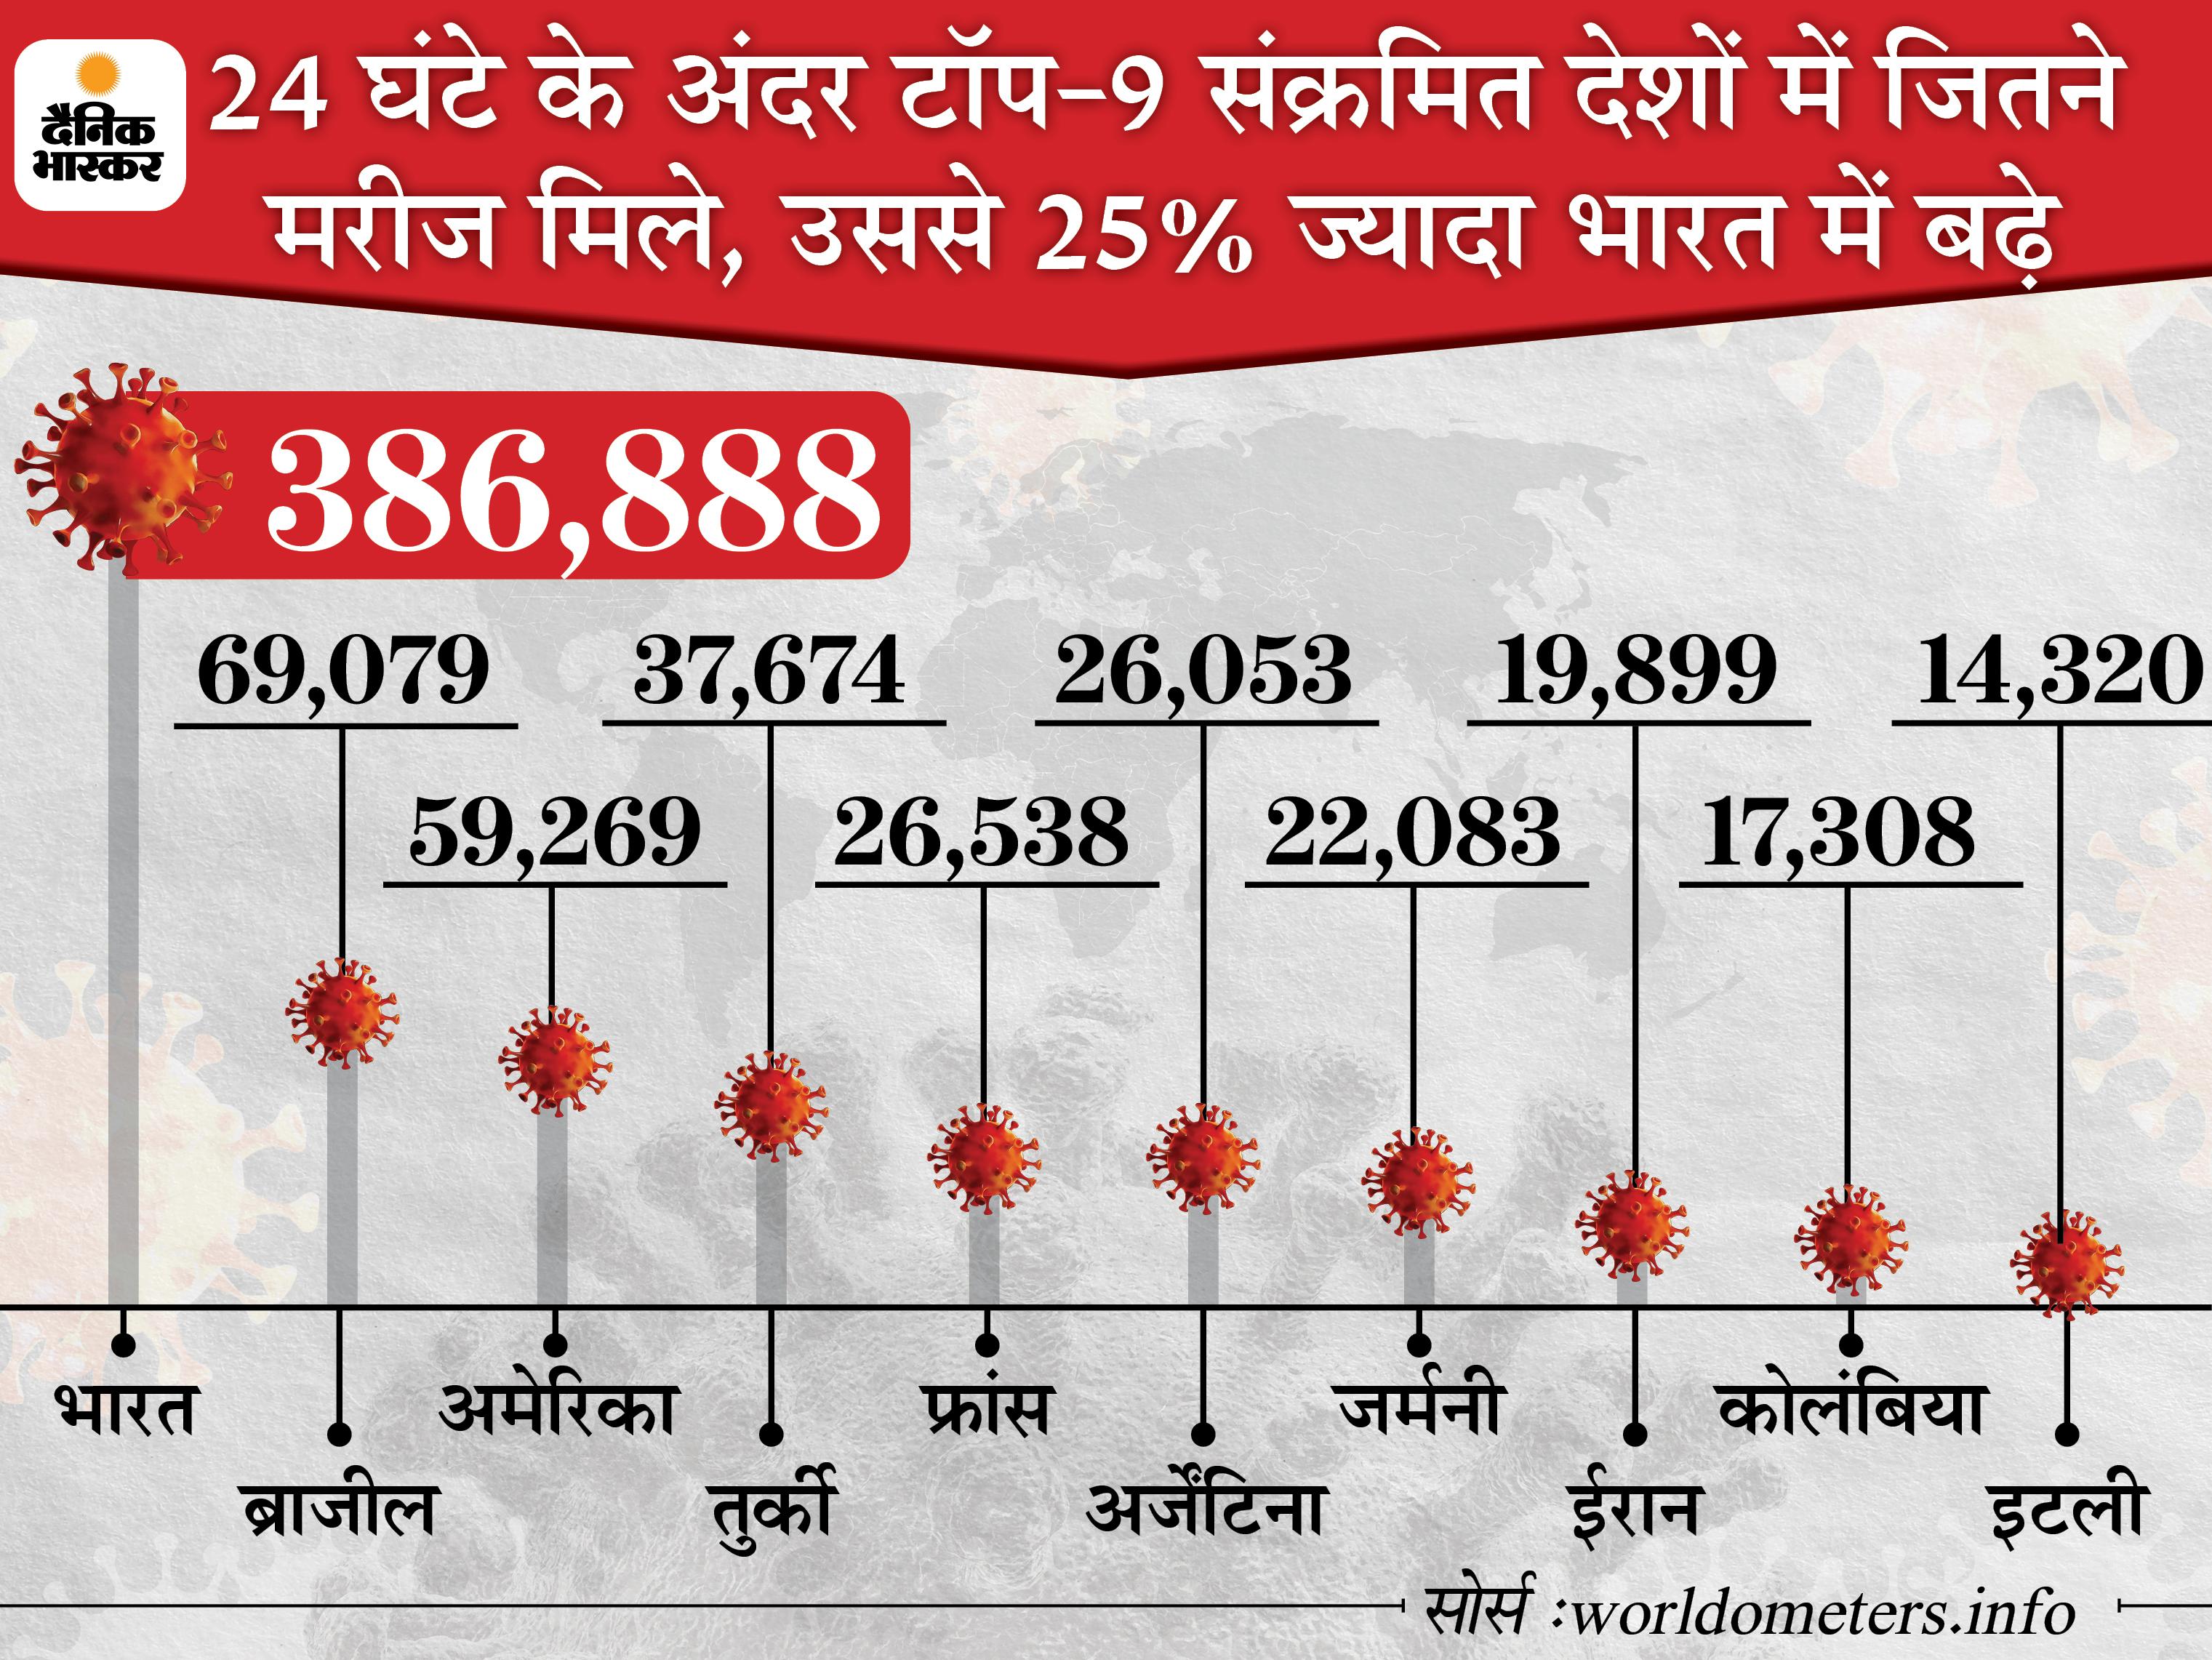 24 घंटे में पहली बार रिकॉर्ड 4 लाख से ज्यादा नए मरीज मिले, 3521 की मौत; 2.98 लाख ठीक हुए|देश,National - Dainik Bhaskar